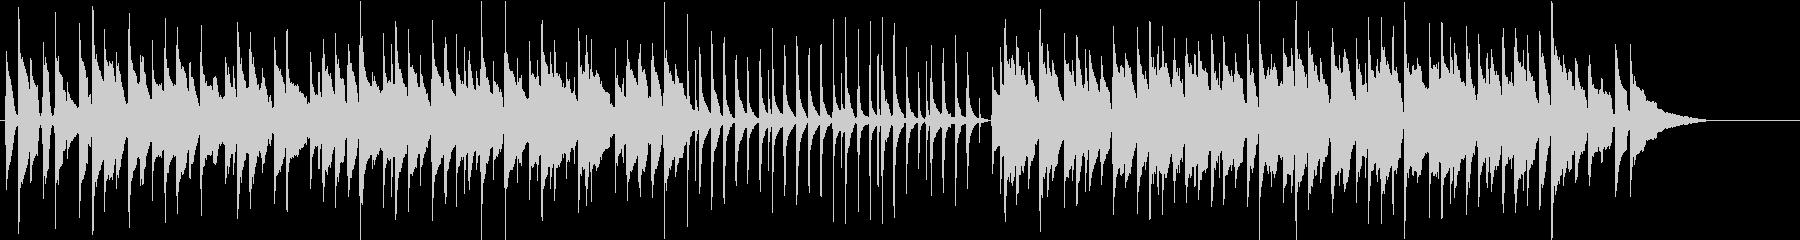 ハッピーバースデー アコギ 生演奏の未再生の波形